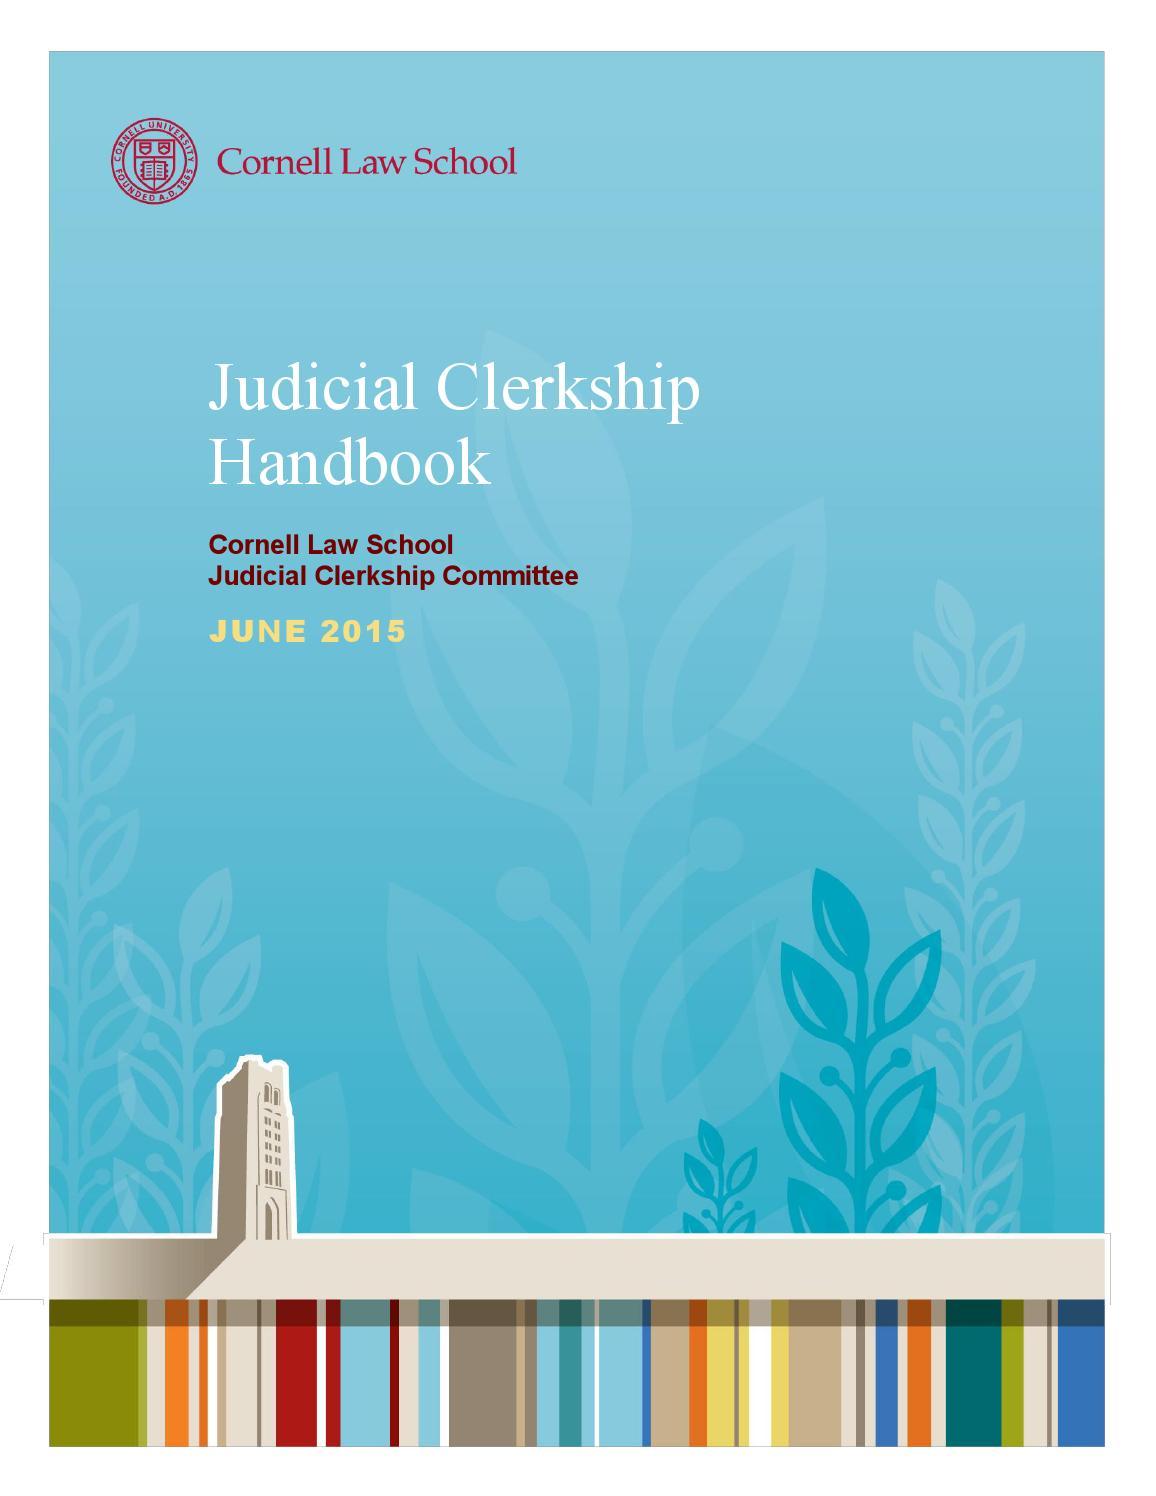 cover letter sample of email cover letter samples of email cover     Cover Letter Templates Judicial Clerkship Cover Letter Sample Best Example